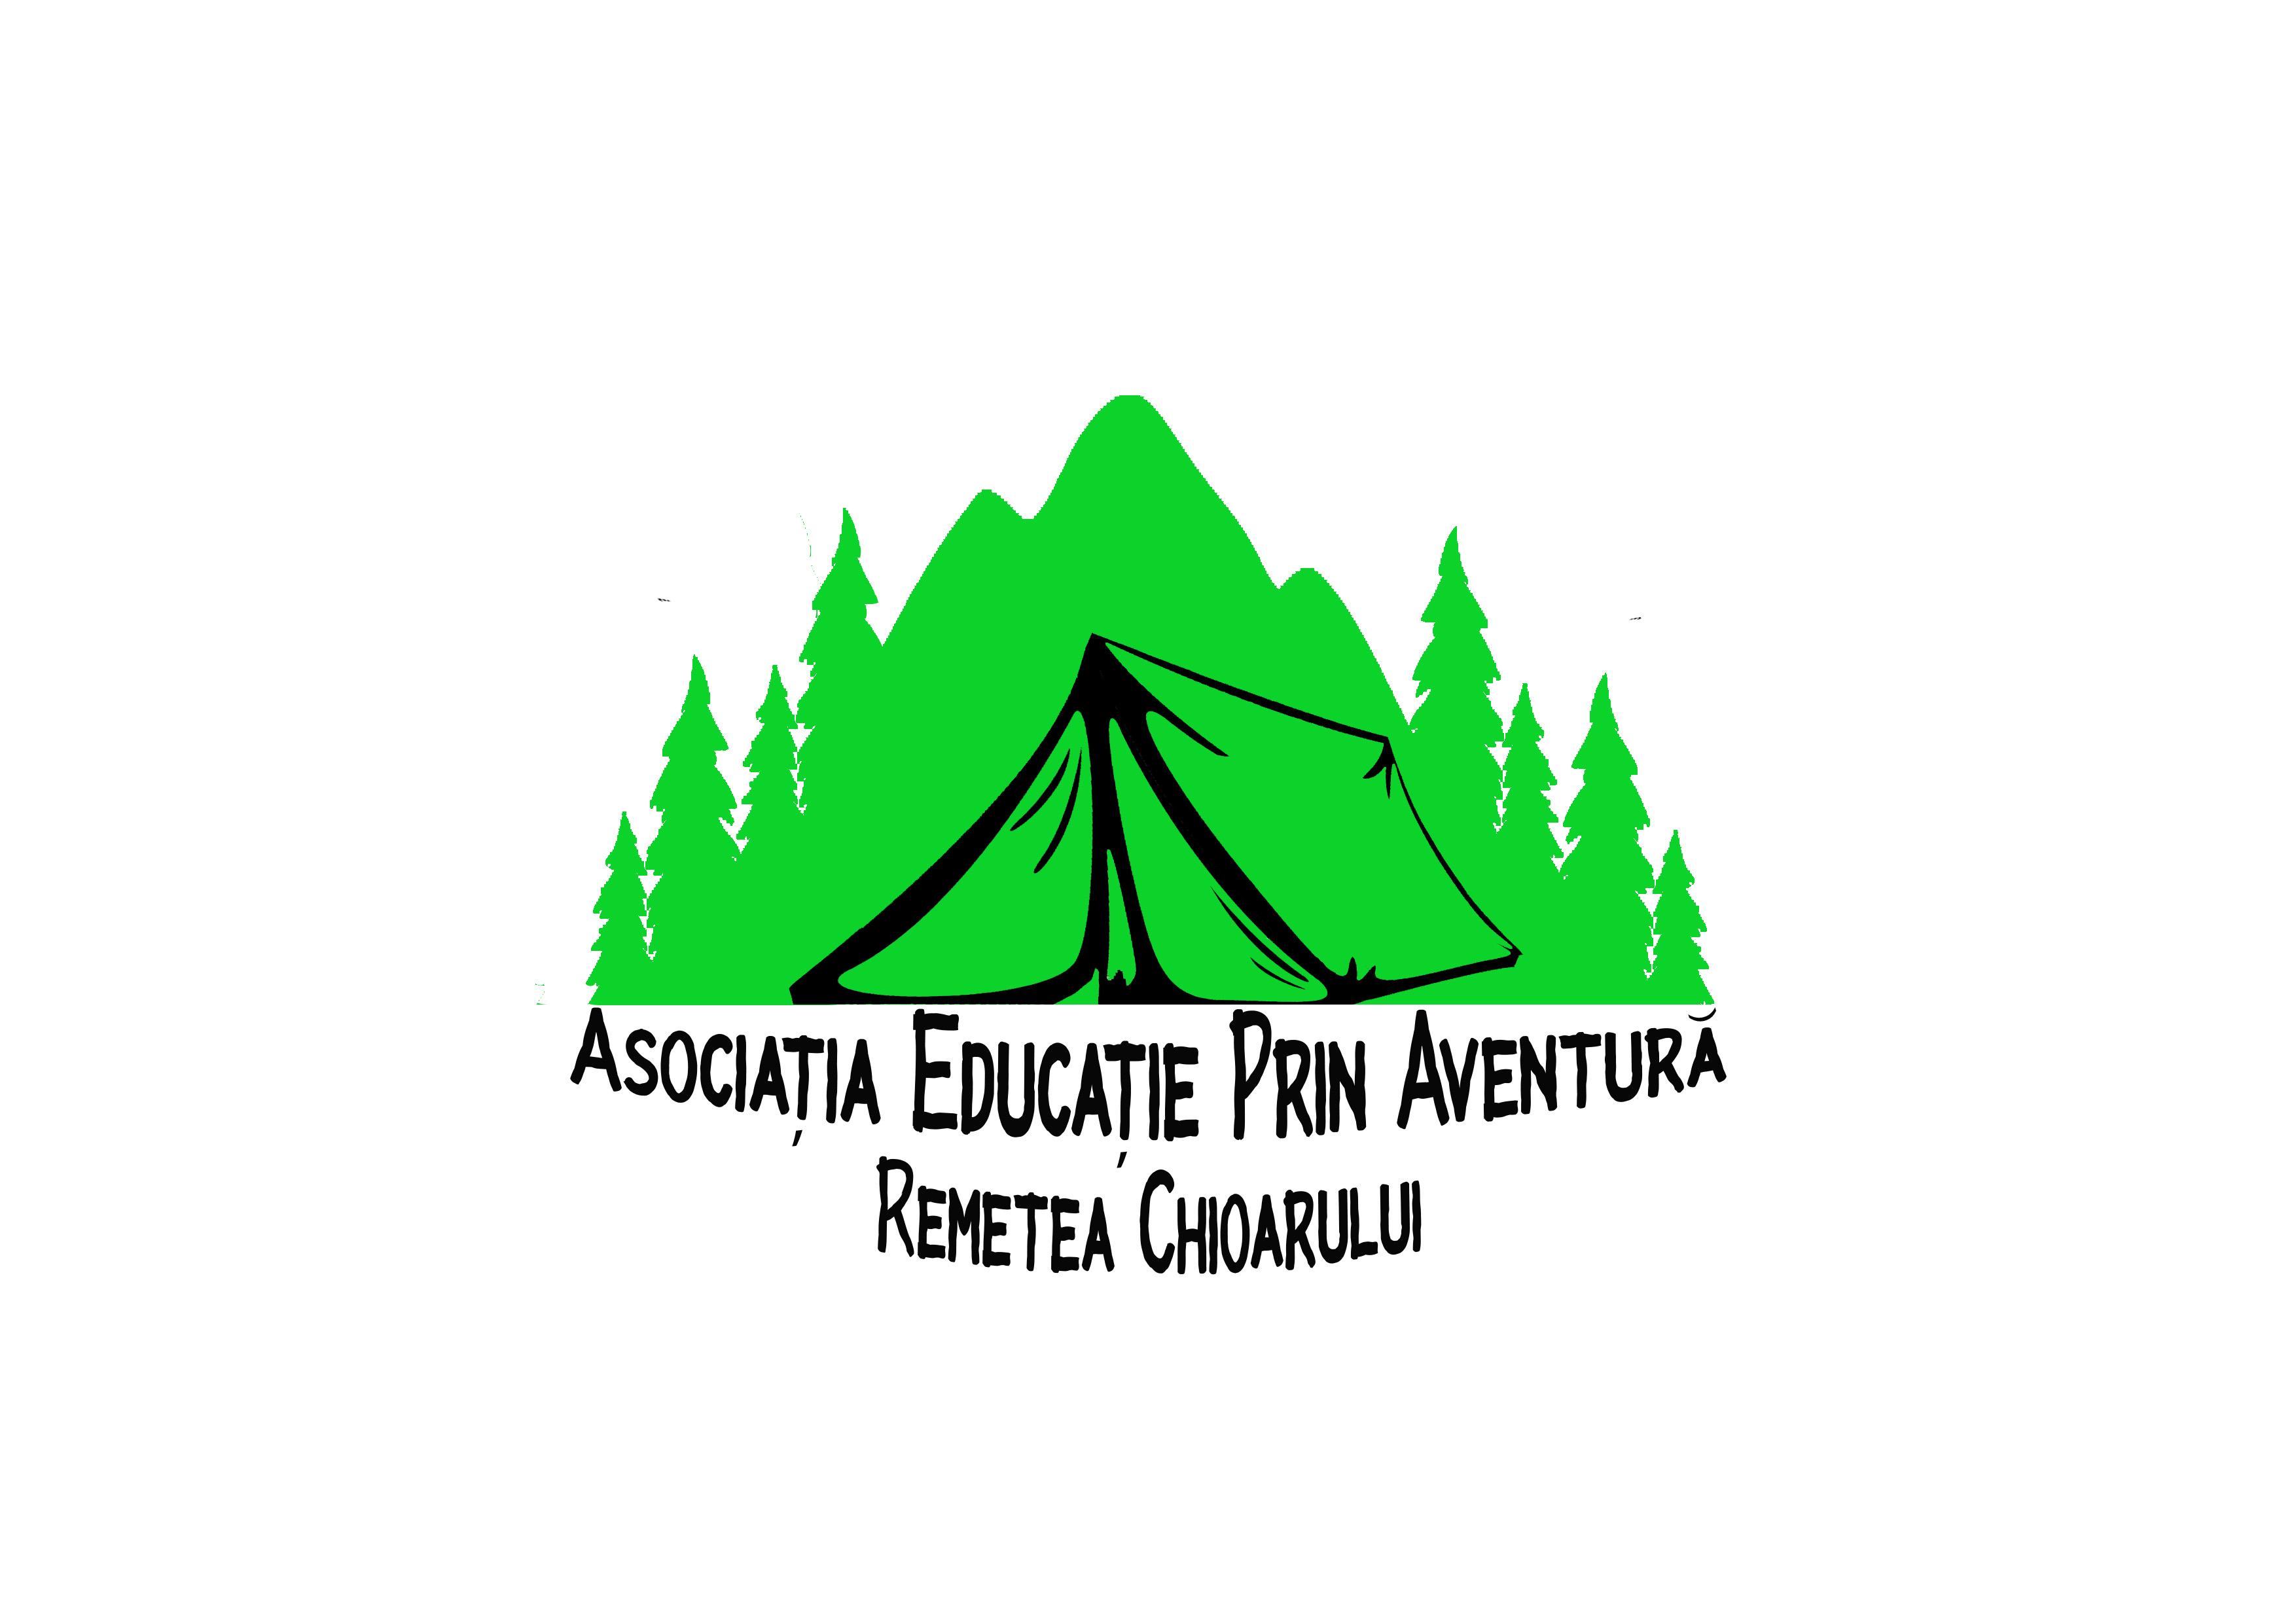 Asociatia Educatie Prin Aventura Remetea Chioarului logo